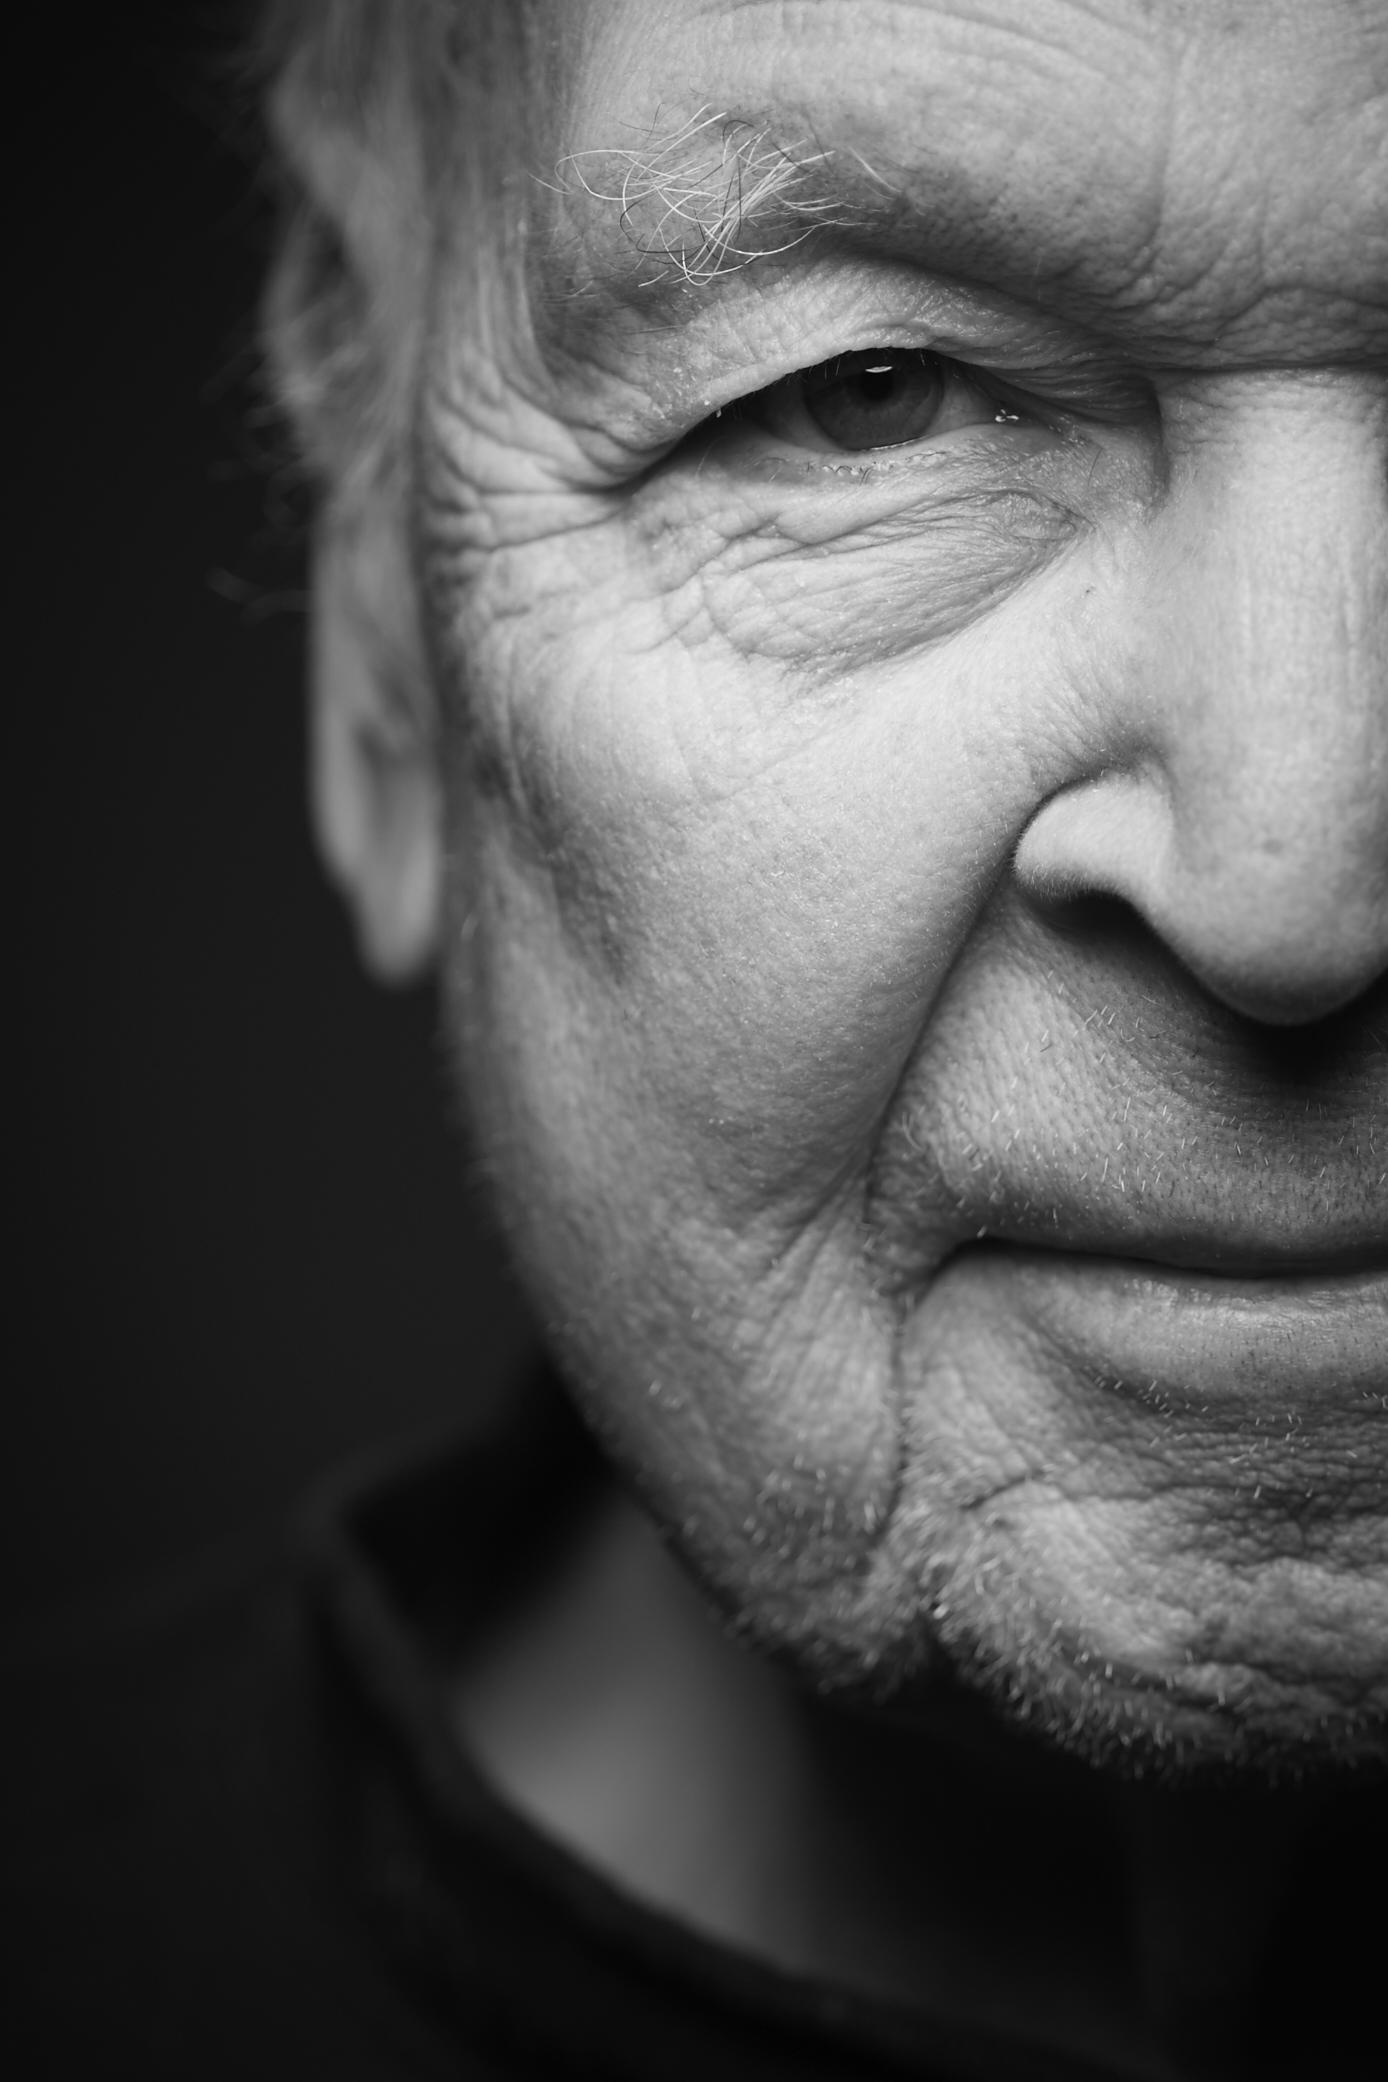 Black and White Grandfather Portrait